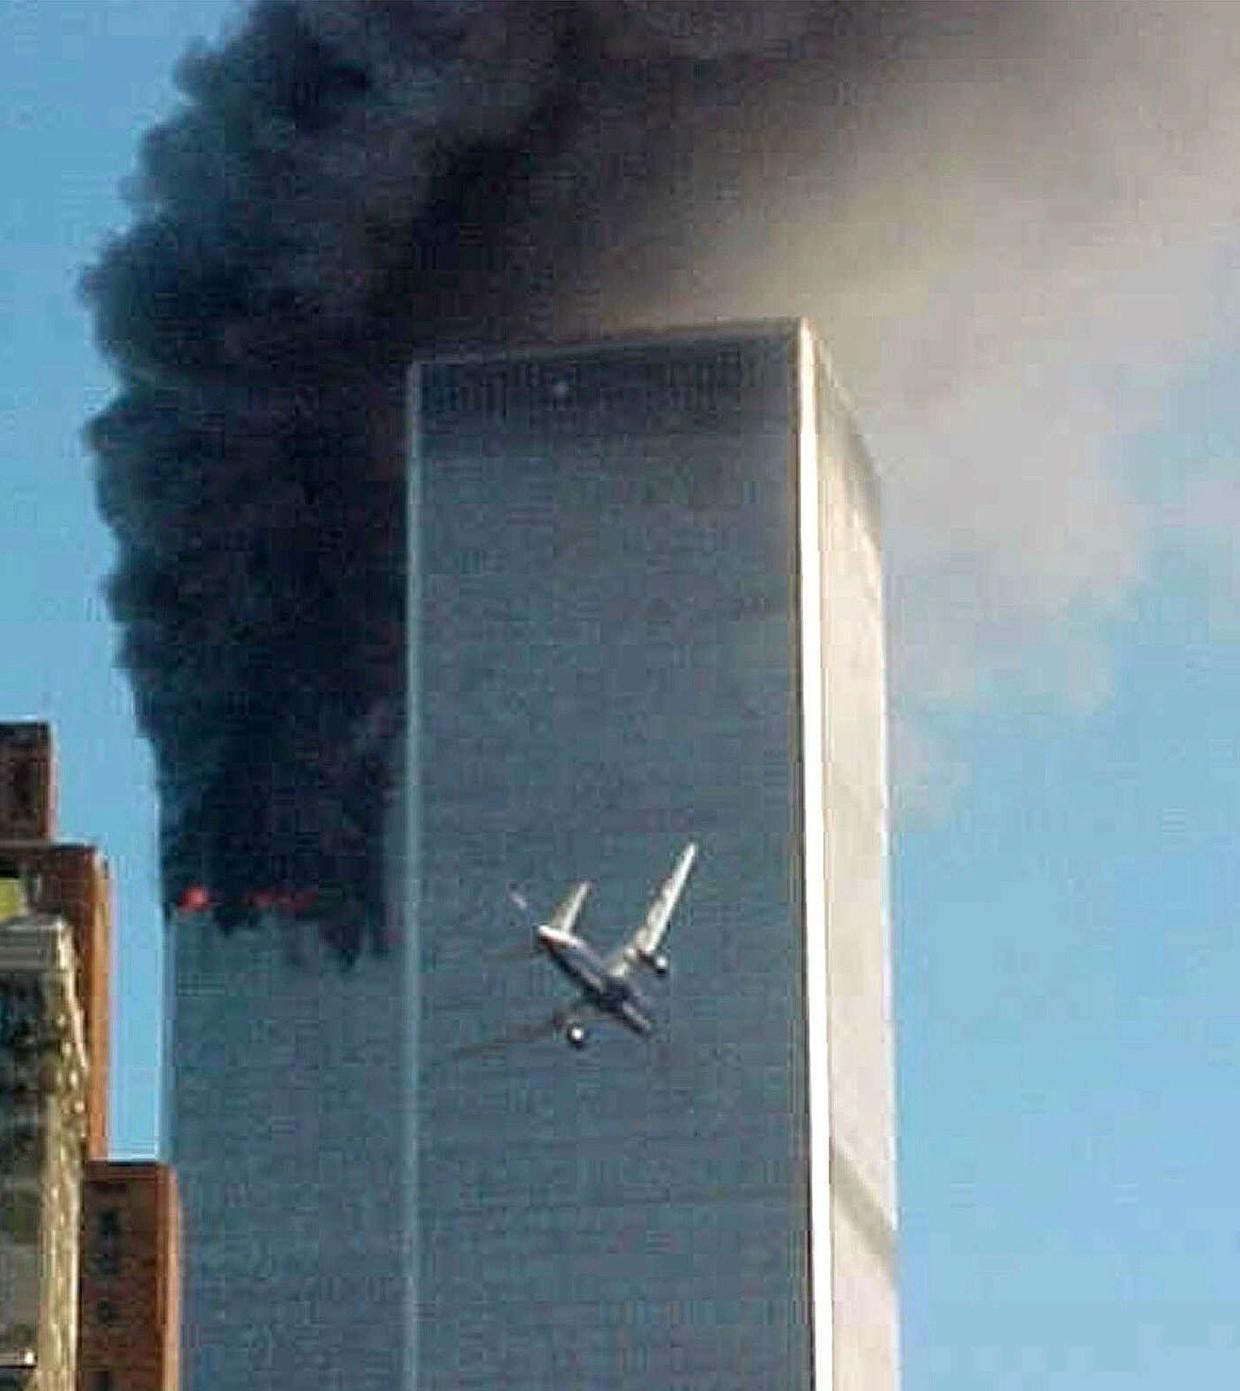 Dit beeld van 9/11, van het tweede vliegtuig dat de Twin Towers in New York binnenvliegt, is mogelijk 's werelds bekendste historische foto. De maker is geen fotograaf, maar een verpleegkundige uit Arkansas, Carmen Taylor, die op bezoek was in de stad. Die ochtend stond ze net op een veerpont naar het Vrijheidsbeeld. Ze stuurde haar foto op advies van een omstander naar een lokale nieuwszender die hem verder verspreidde.